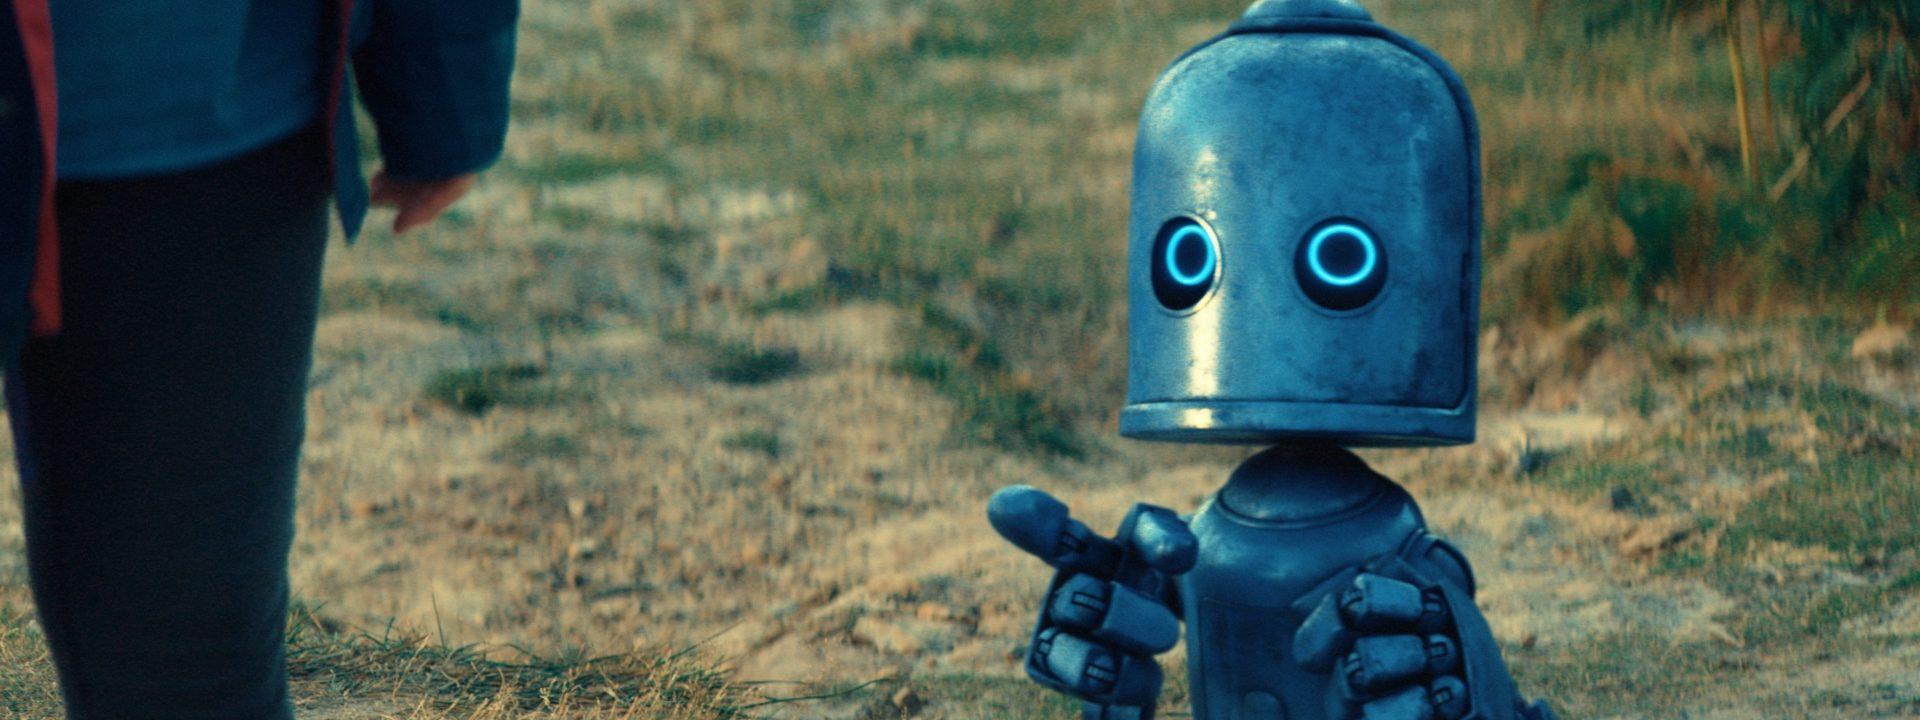 A blue robot